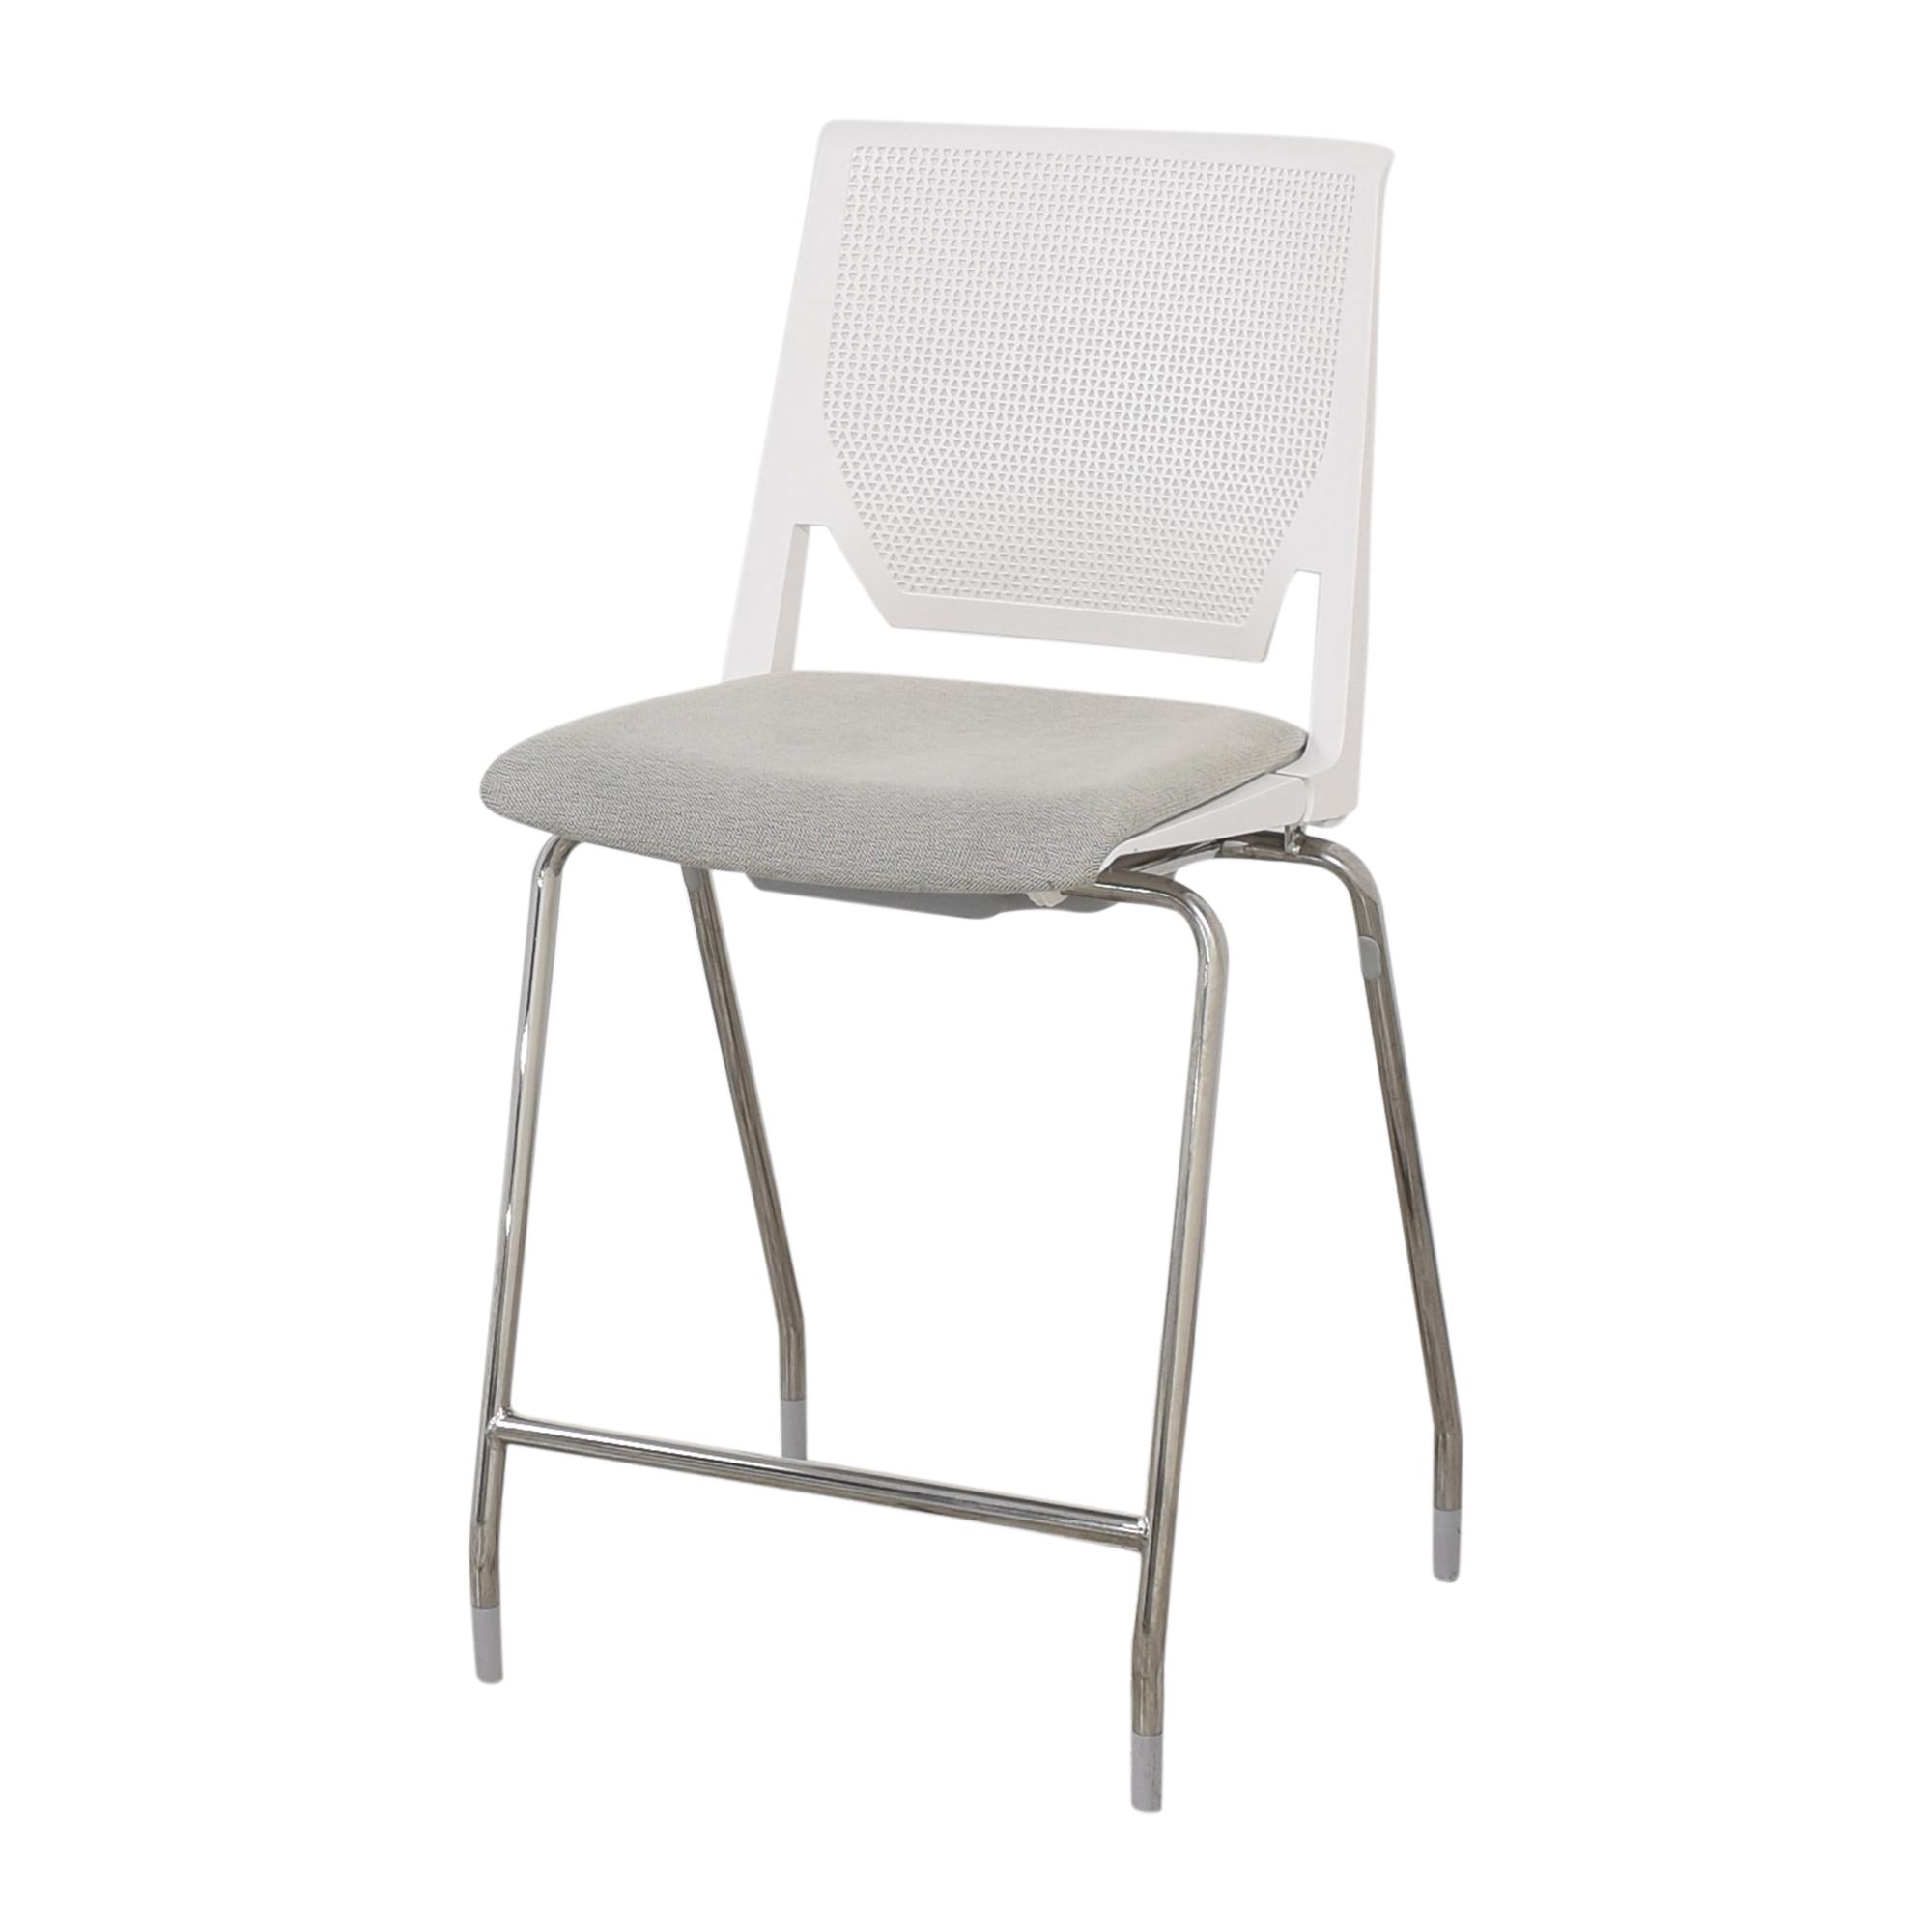 Haworth Haworth Very Side Chairs on sale